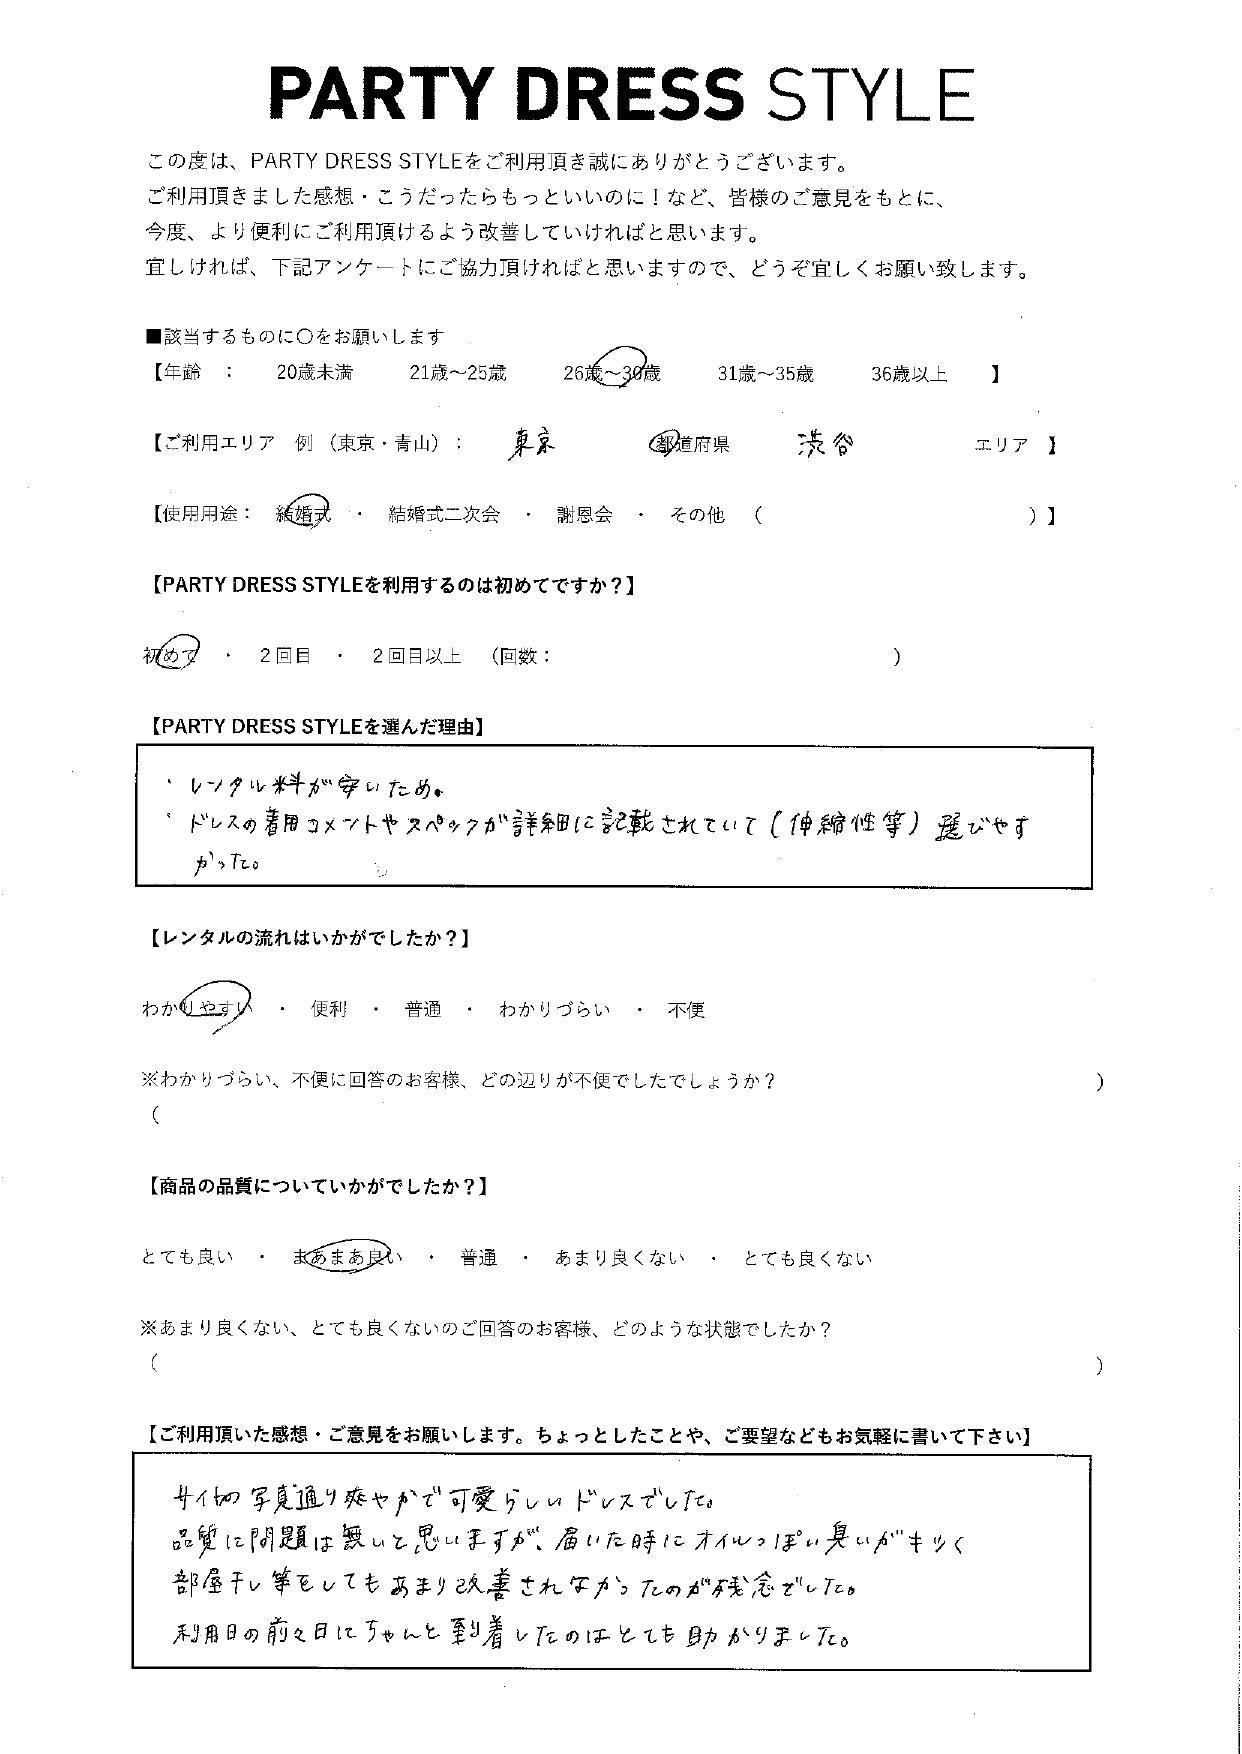 8/1結婚式ご利用 東京・渋谷エリア